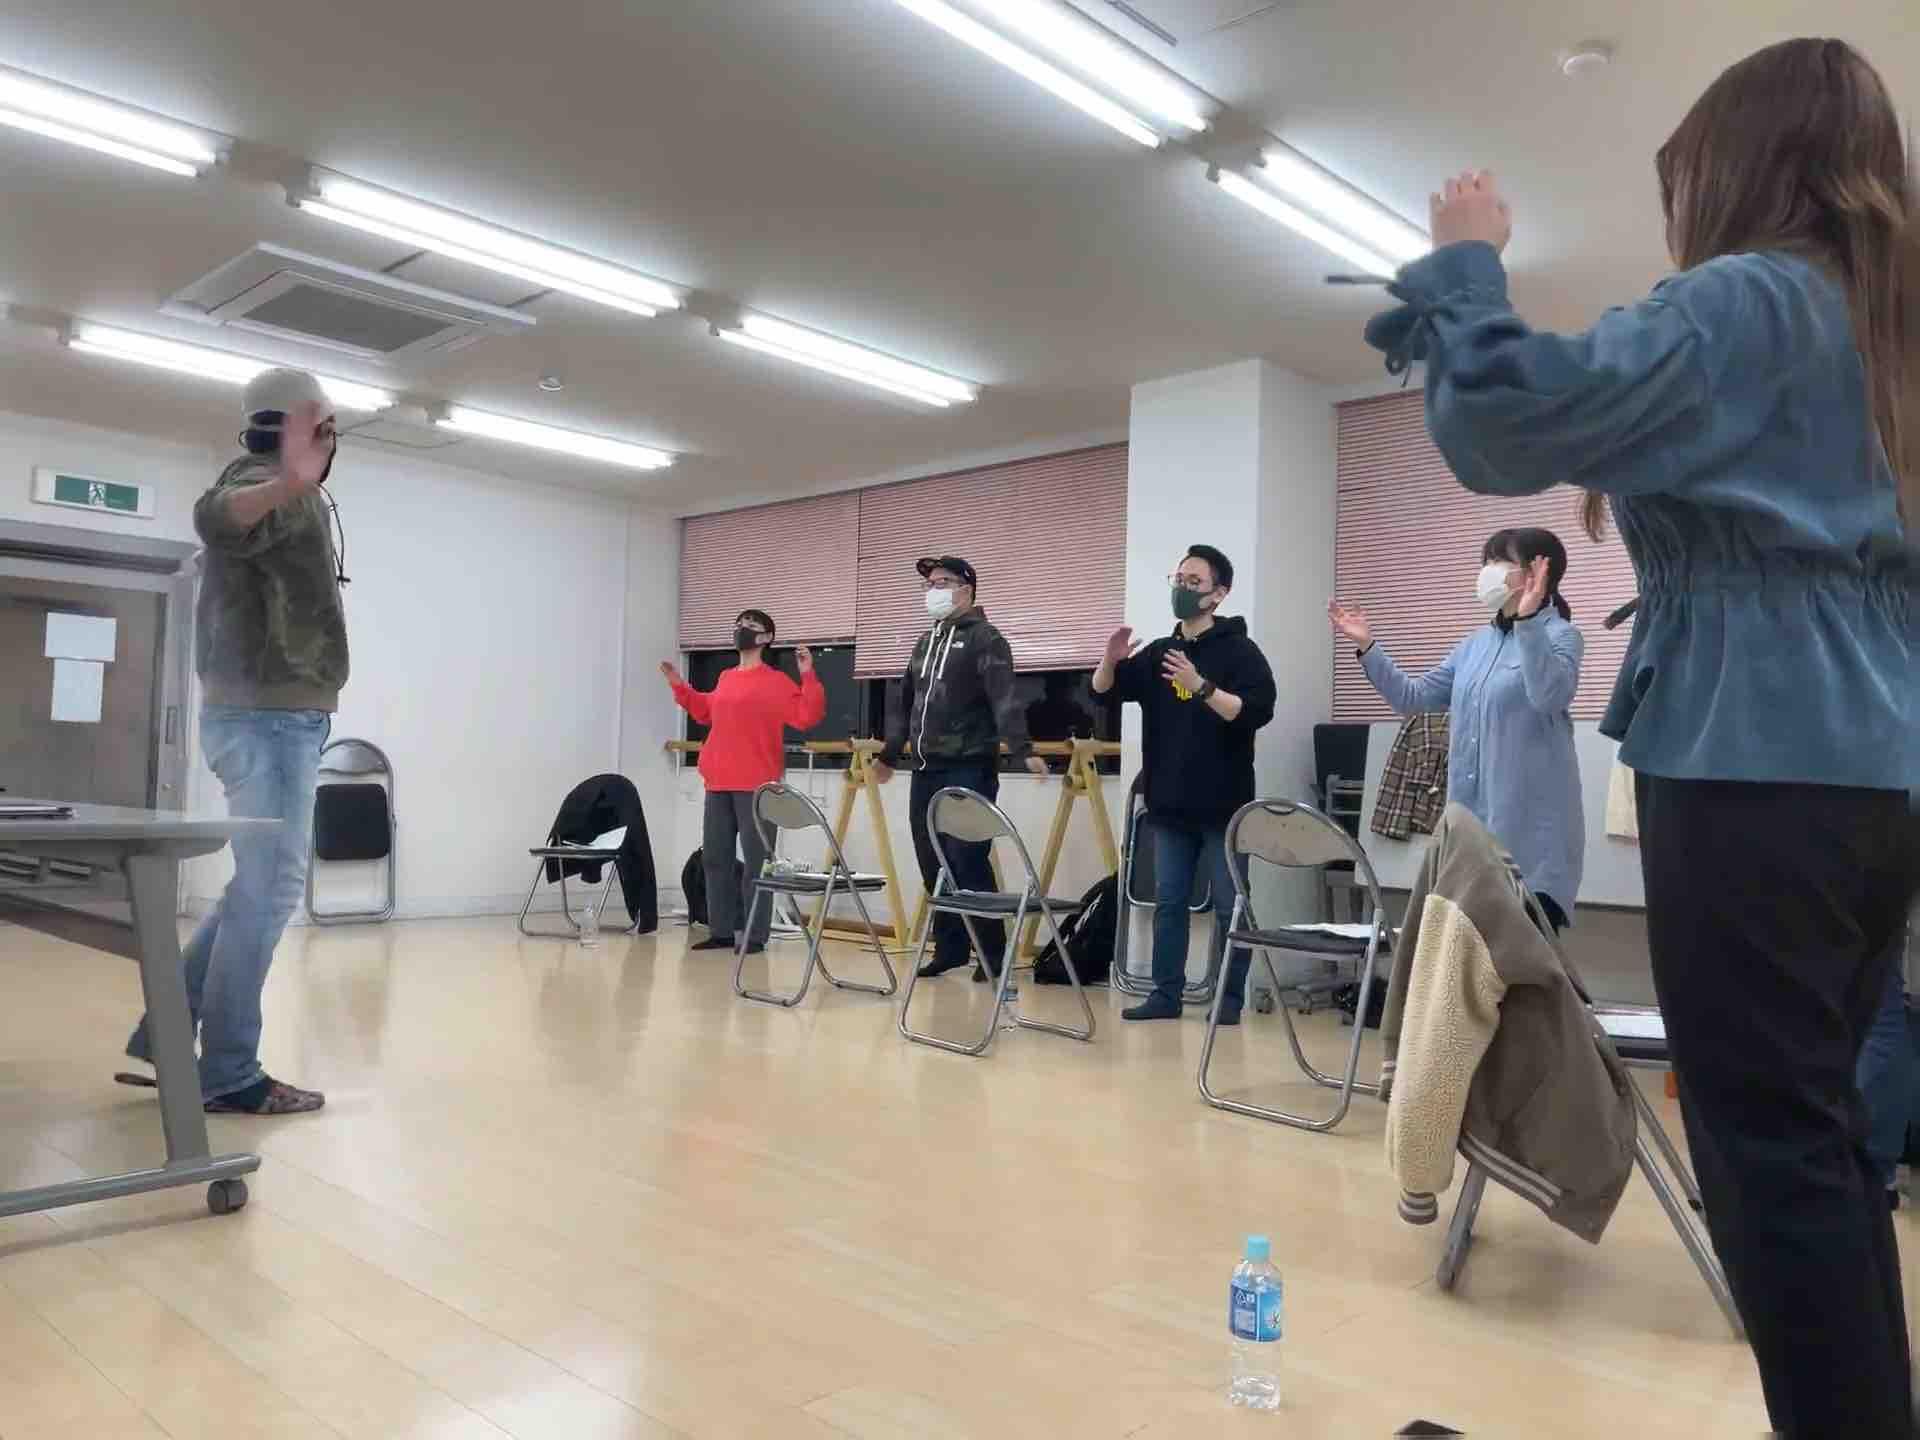 フェイスゴスペル難波夜若い世代のクラス練習風景